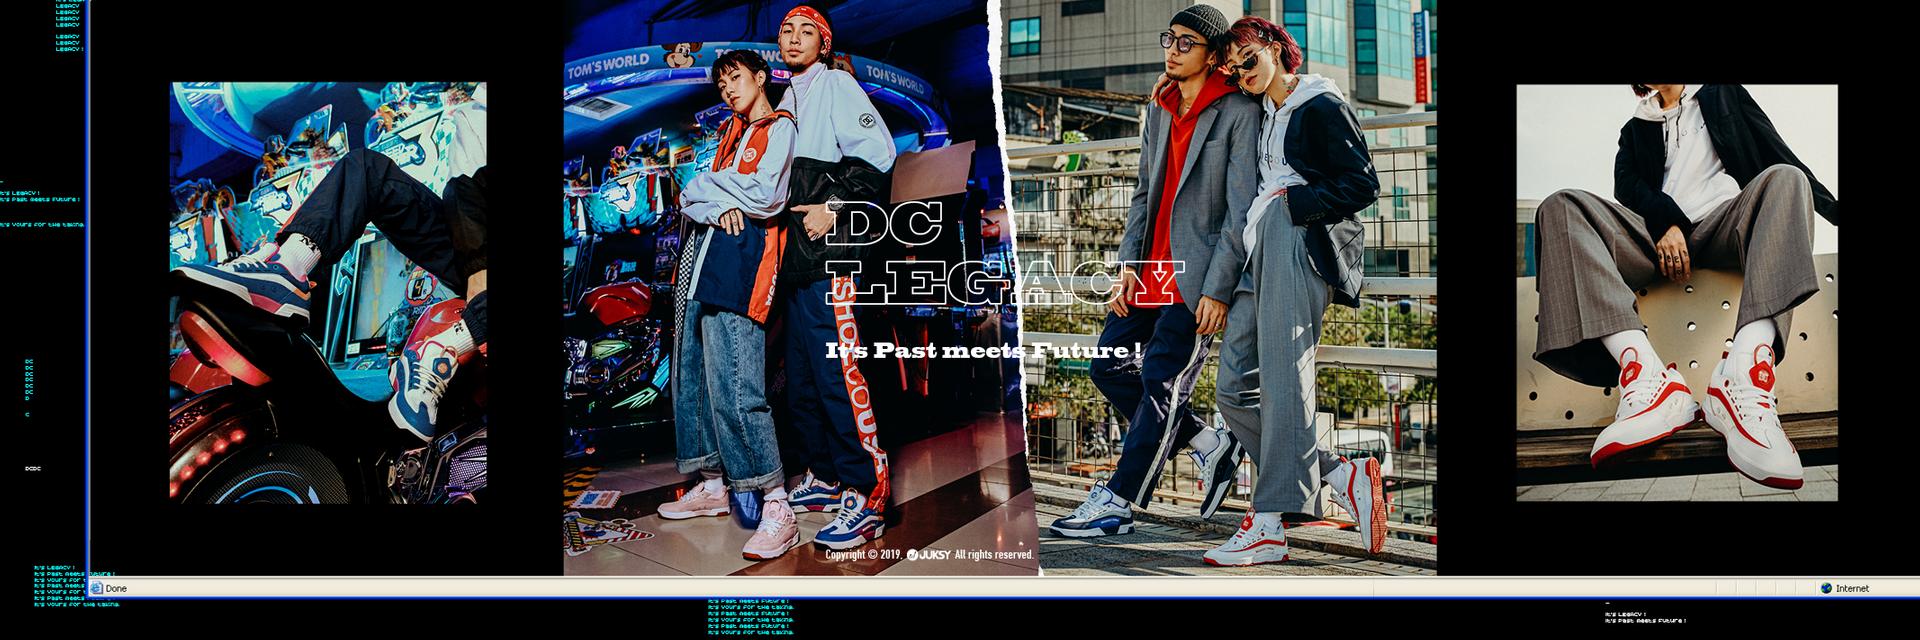 經典再現 從九零到今代 DC SHOES 不滅!街頭潮人演繹復刻鞋款 LEGACY,25 週年持續攻佔!